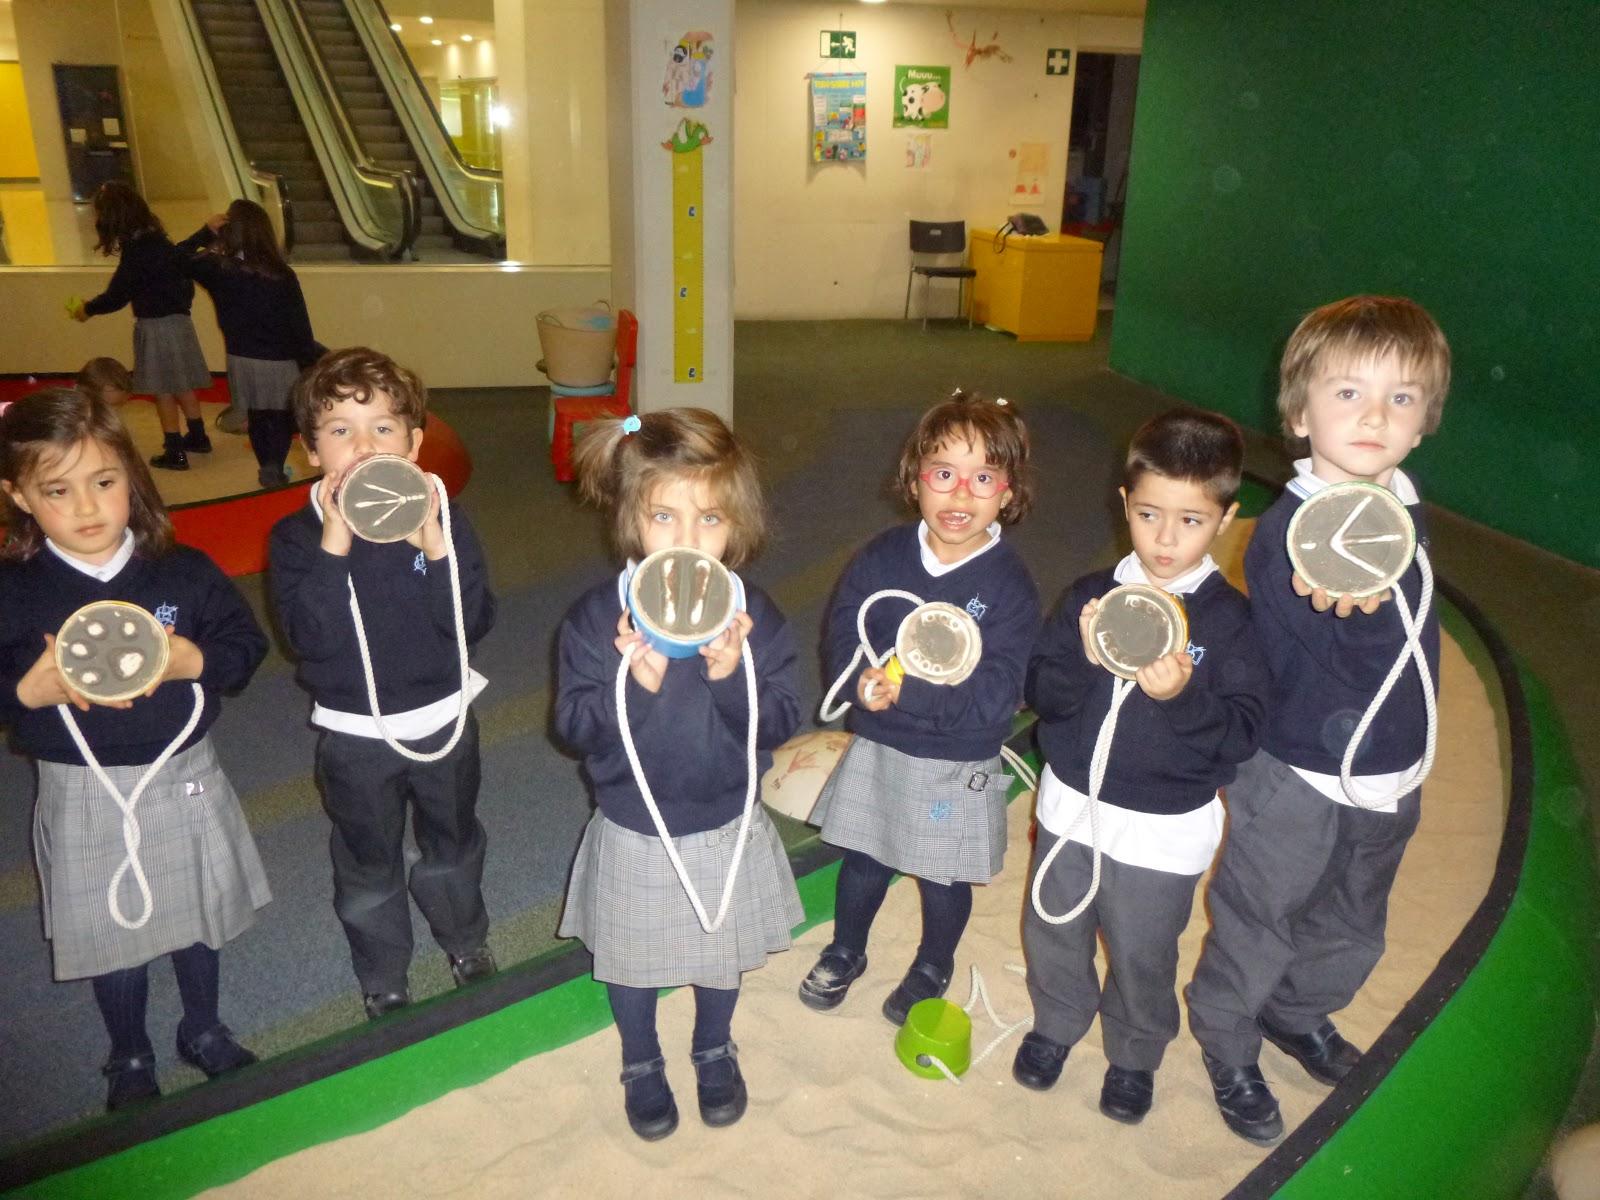 Agustinas Valladolid - 2017 - Infantil 4 - Museo de la Ciencia 6